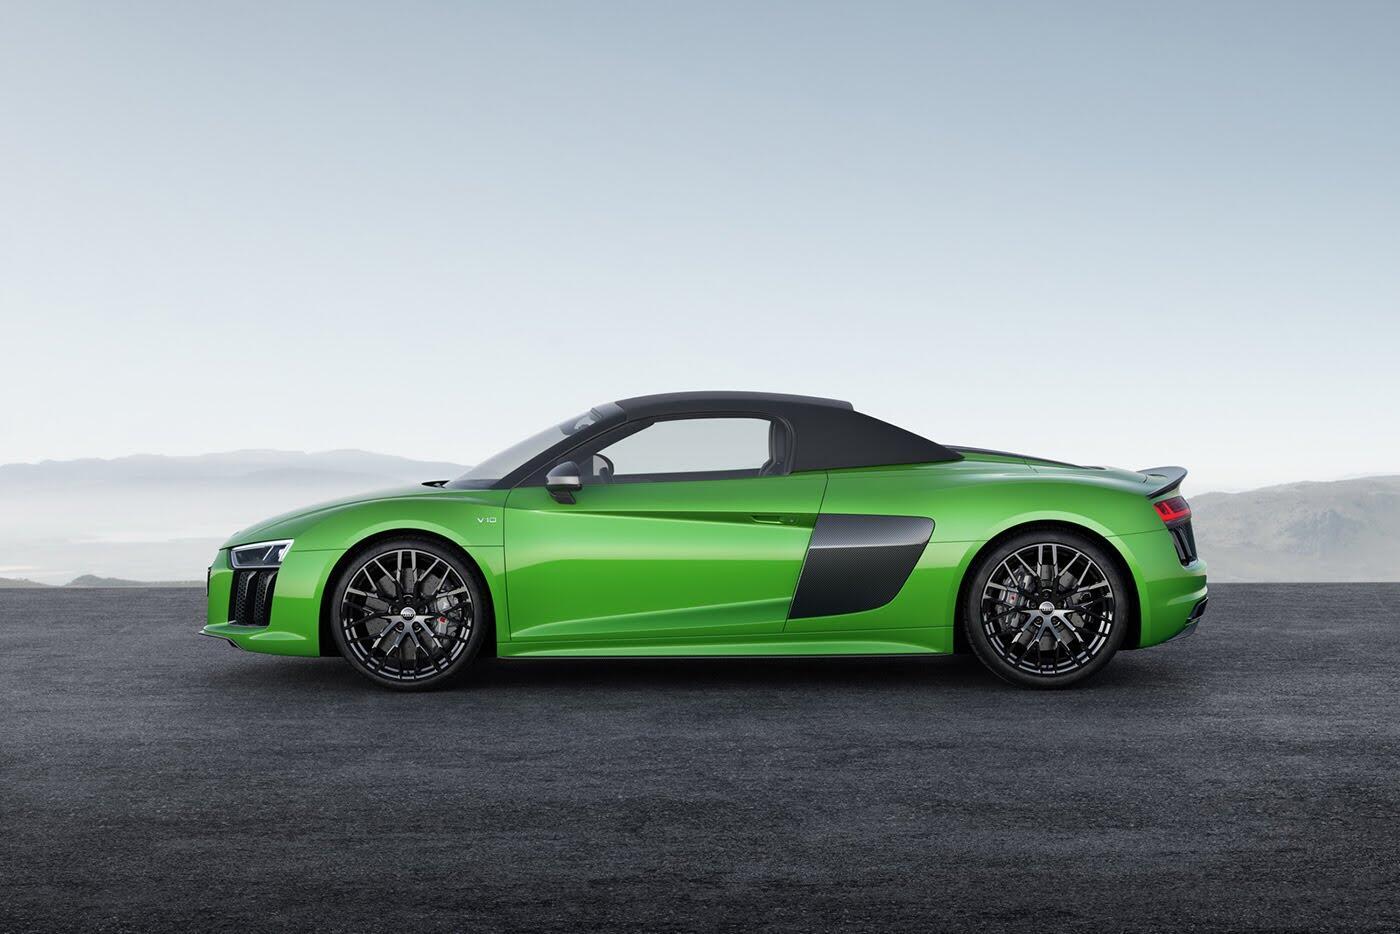 Audi R8 V10 Spyder Plus trình làng với sức mạnh 601 mã lực - Hình 3